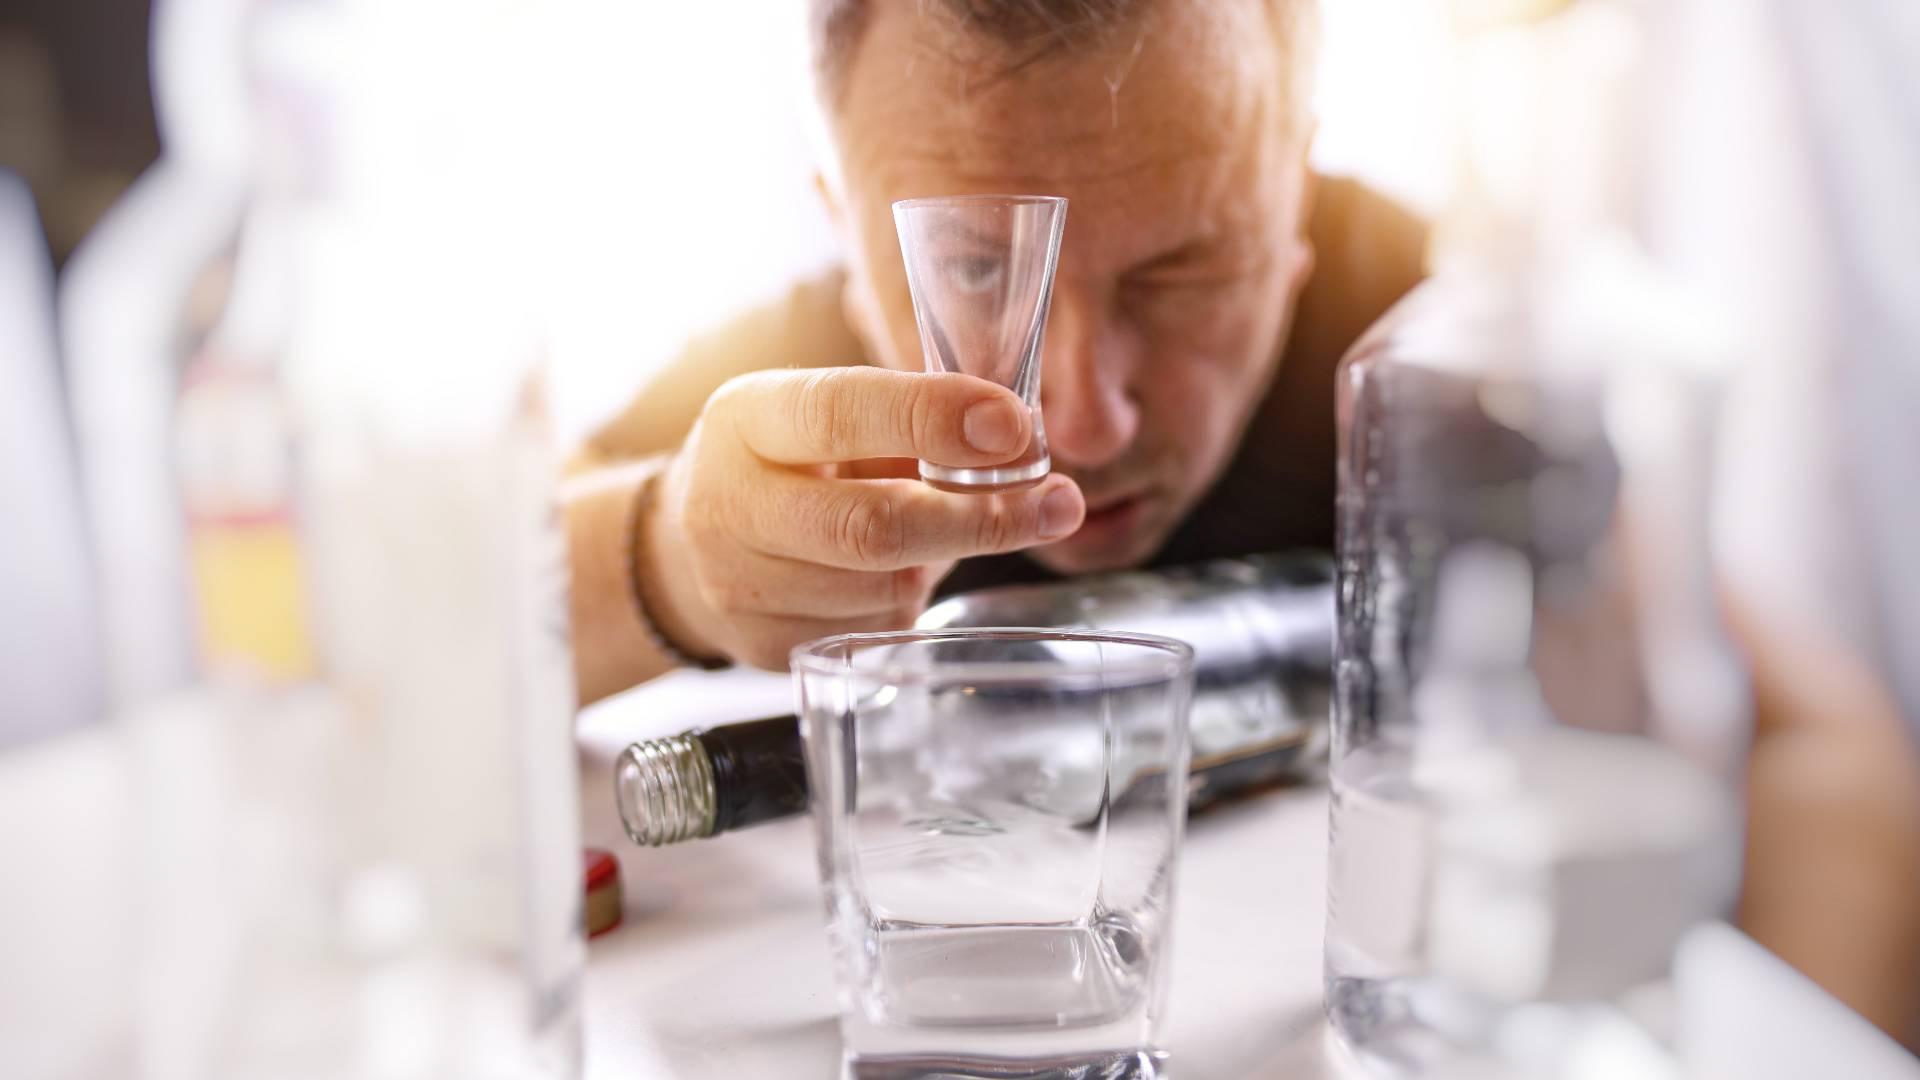 С похмелья изобрели: Токсикологи  о новой водке, от которой якобы не болит голова